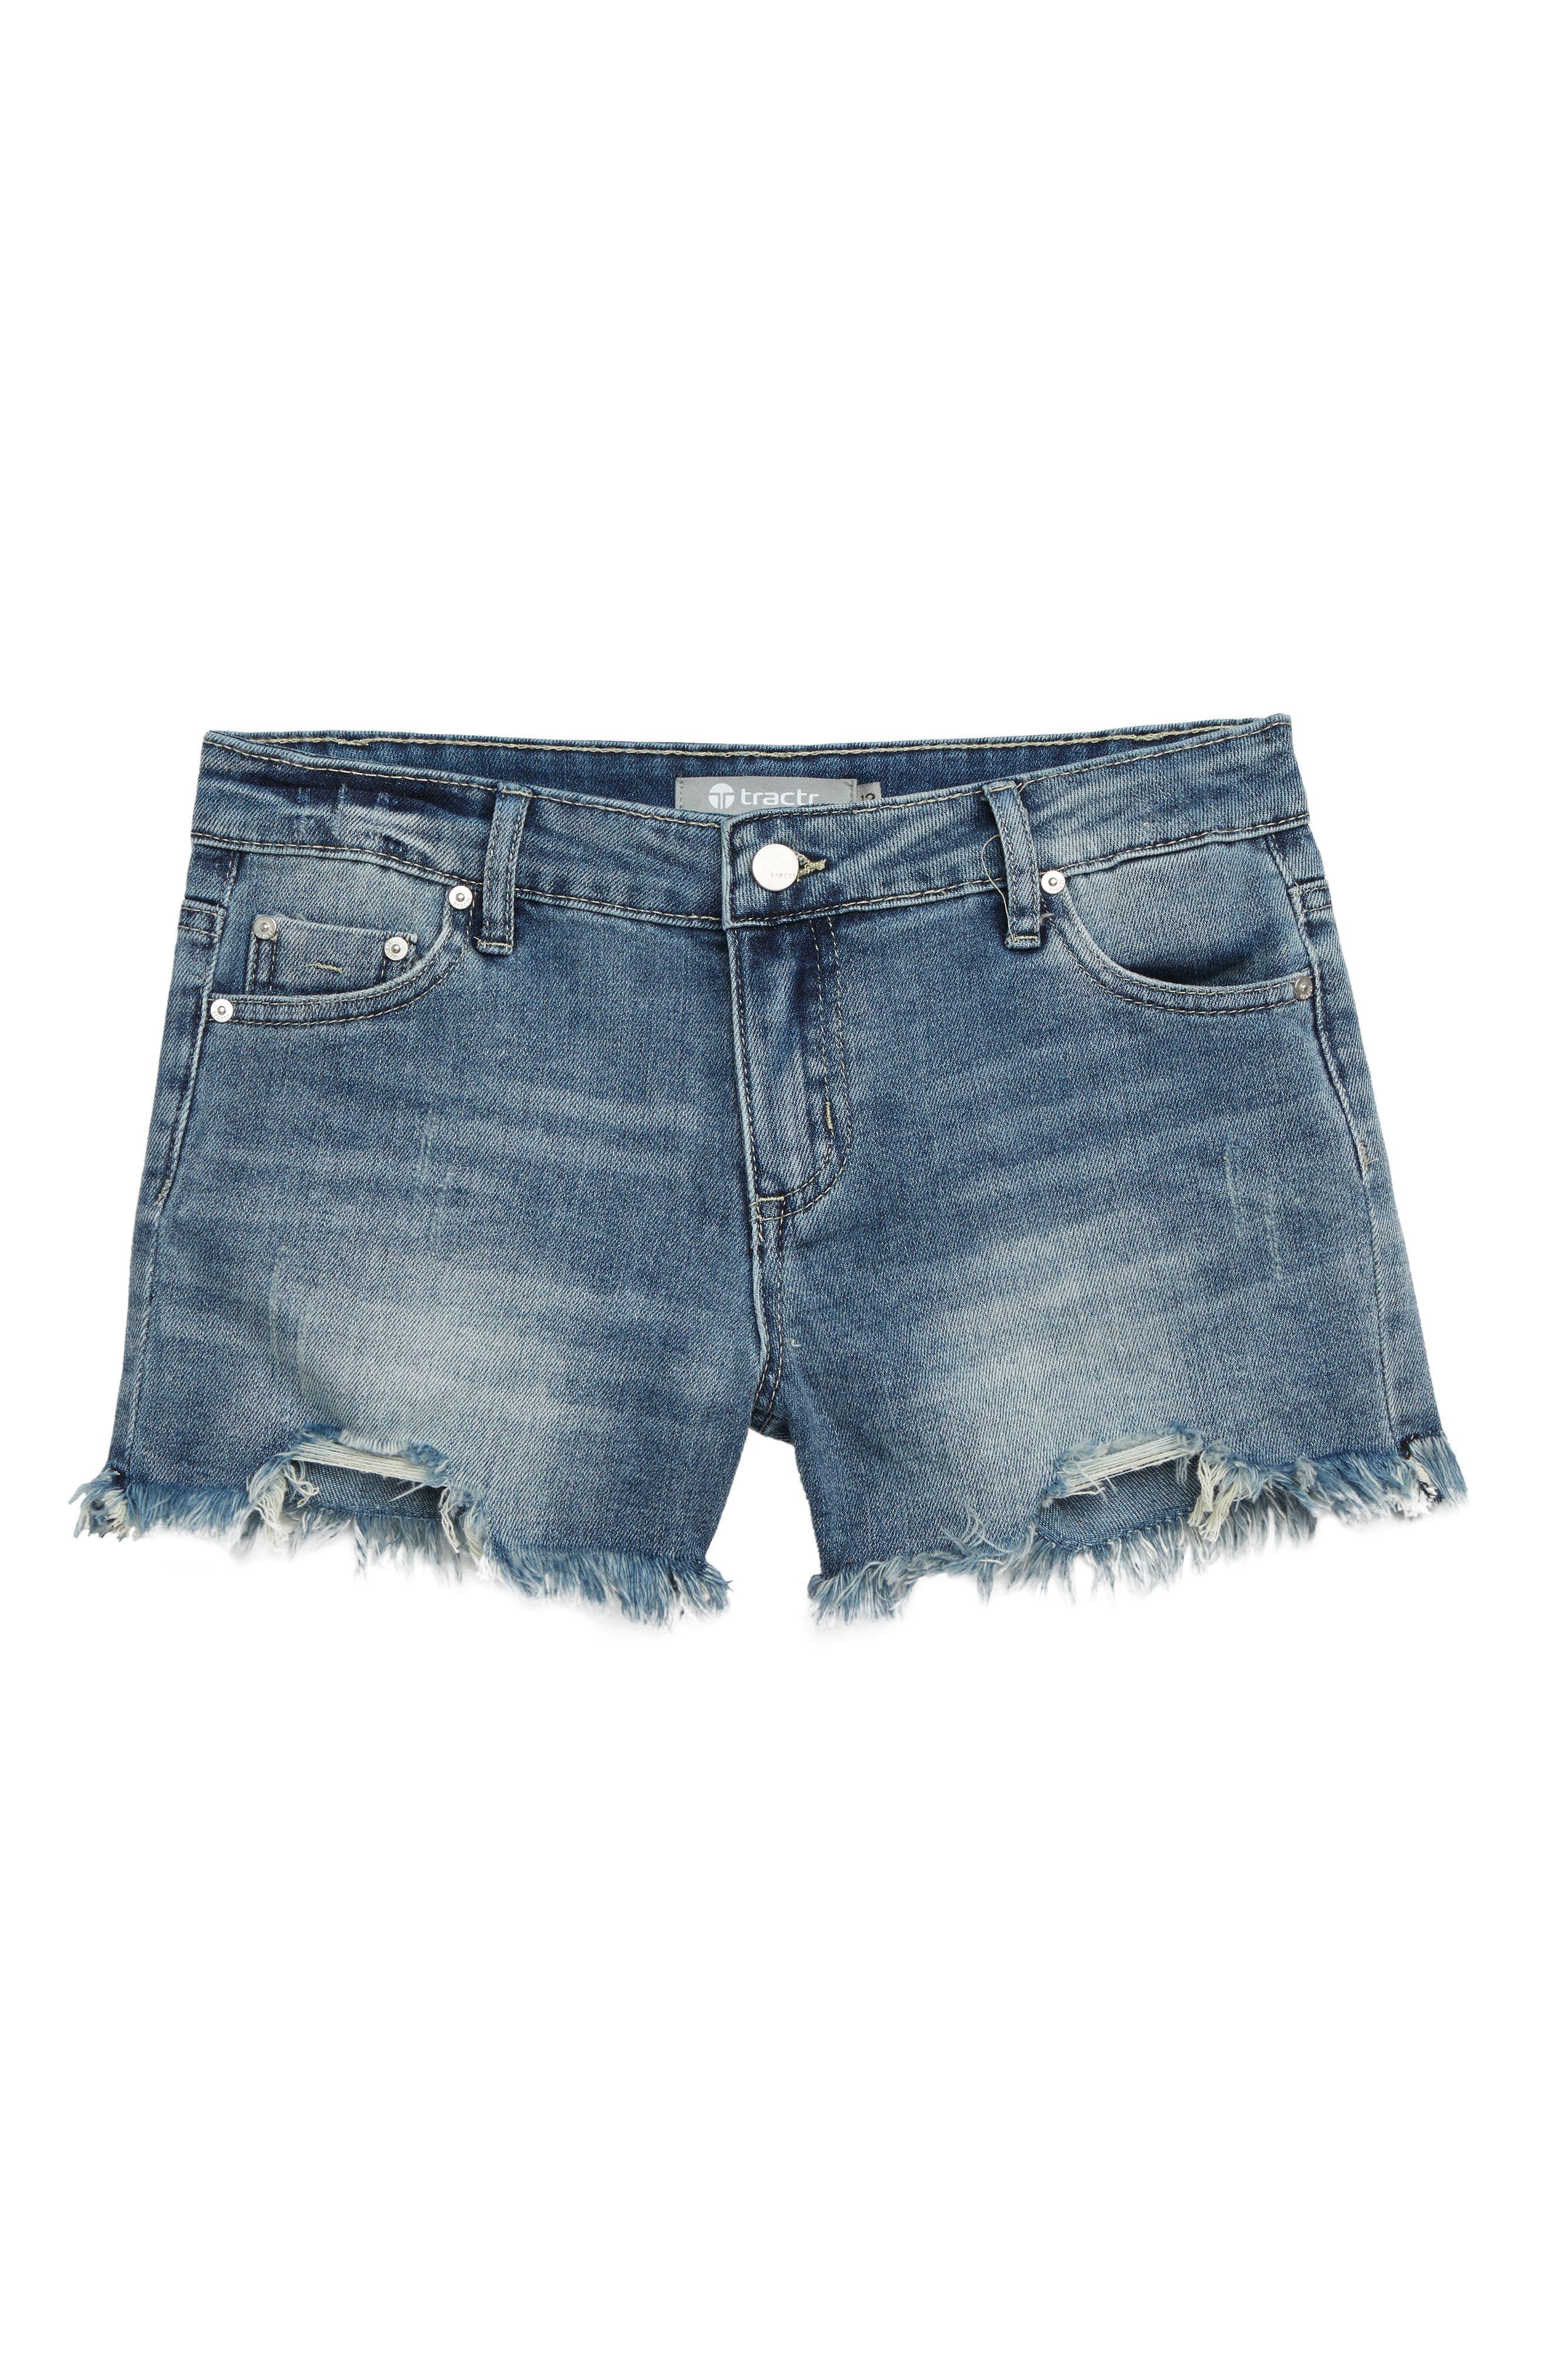 TRACTR Cutoff Denim Shorts, Main, color, INDIGO